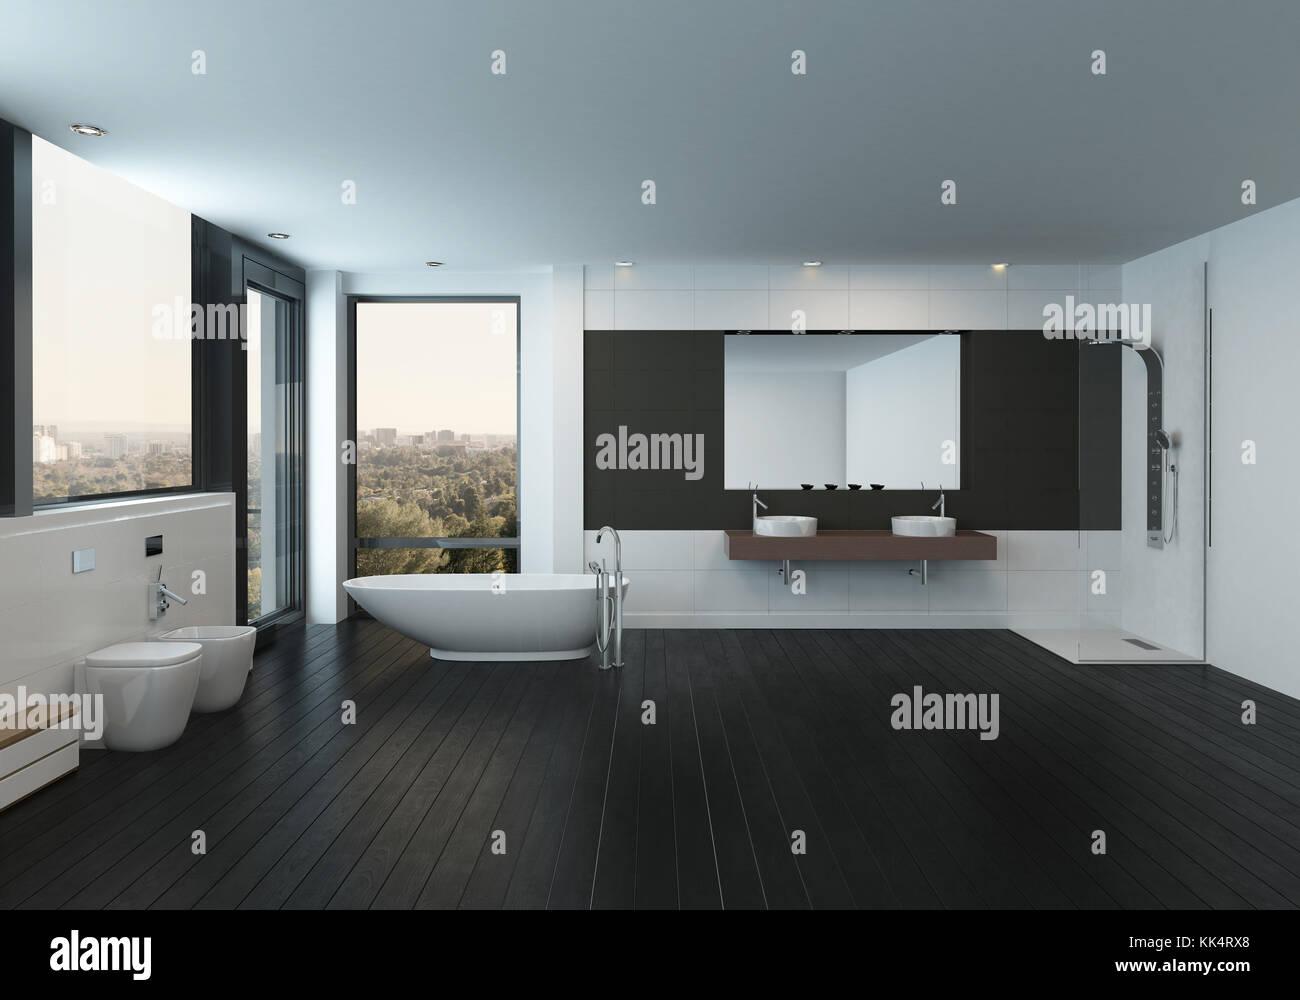 Noir Et Blanc Moderne Et Spacieux Int Rieur Salle De Bains Avec Un